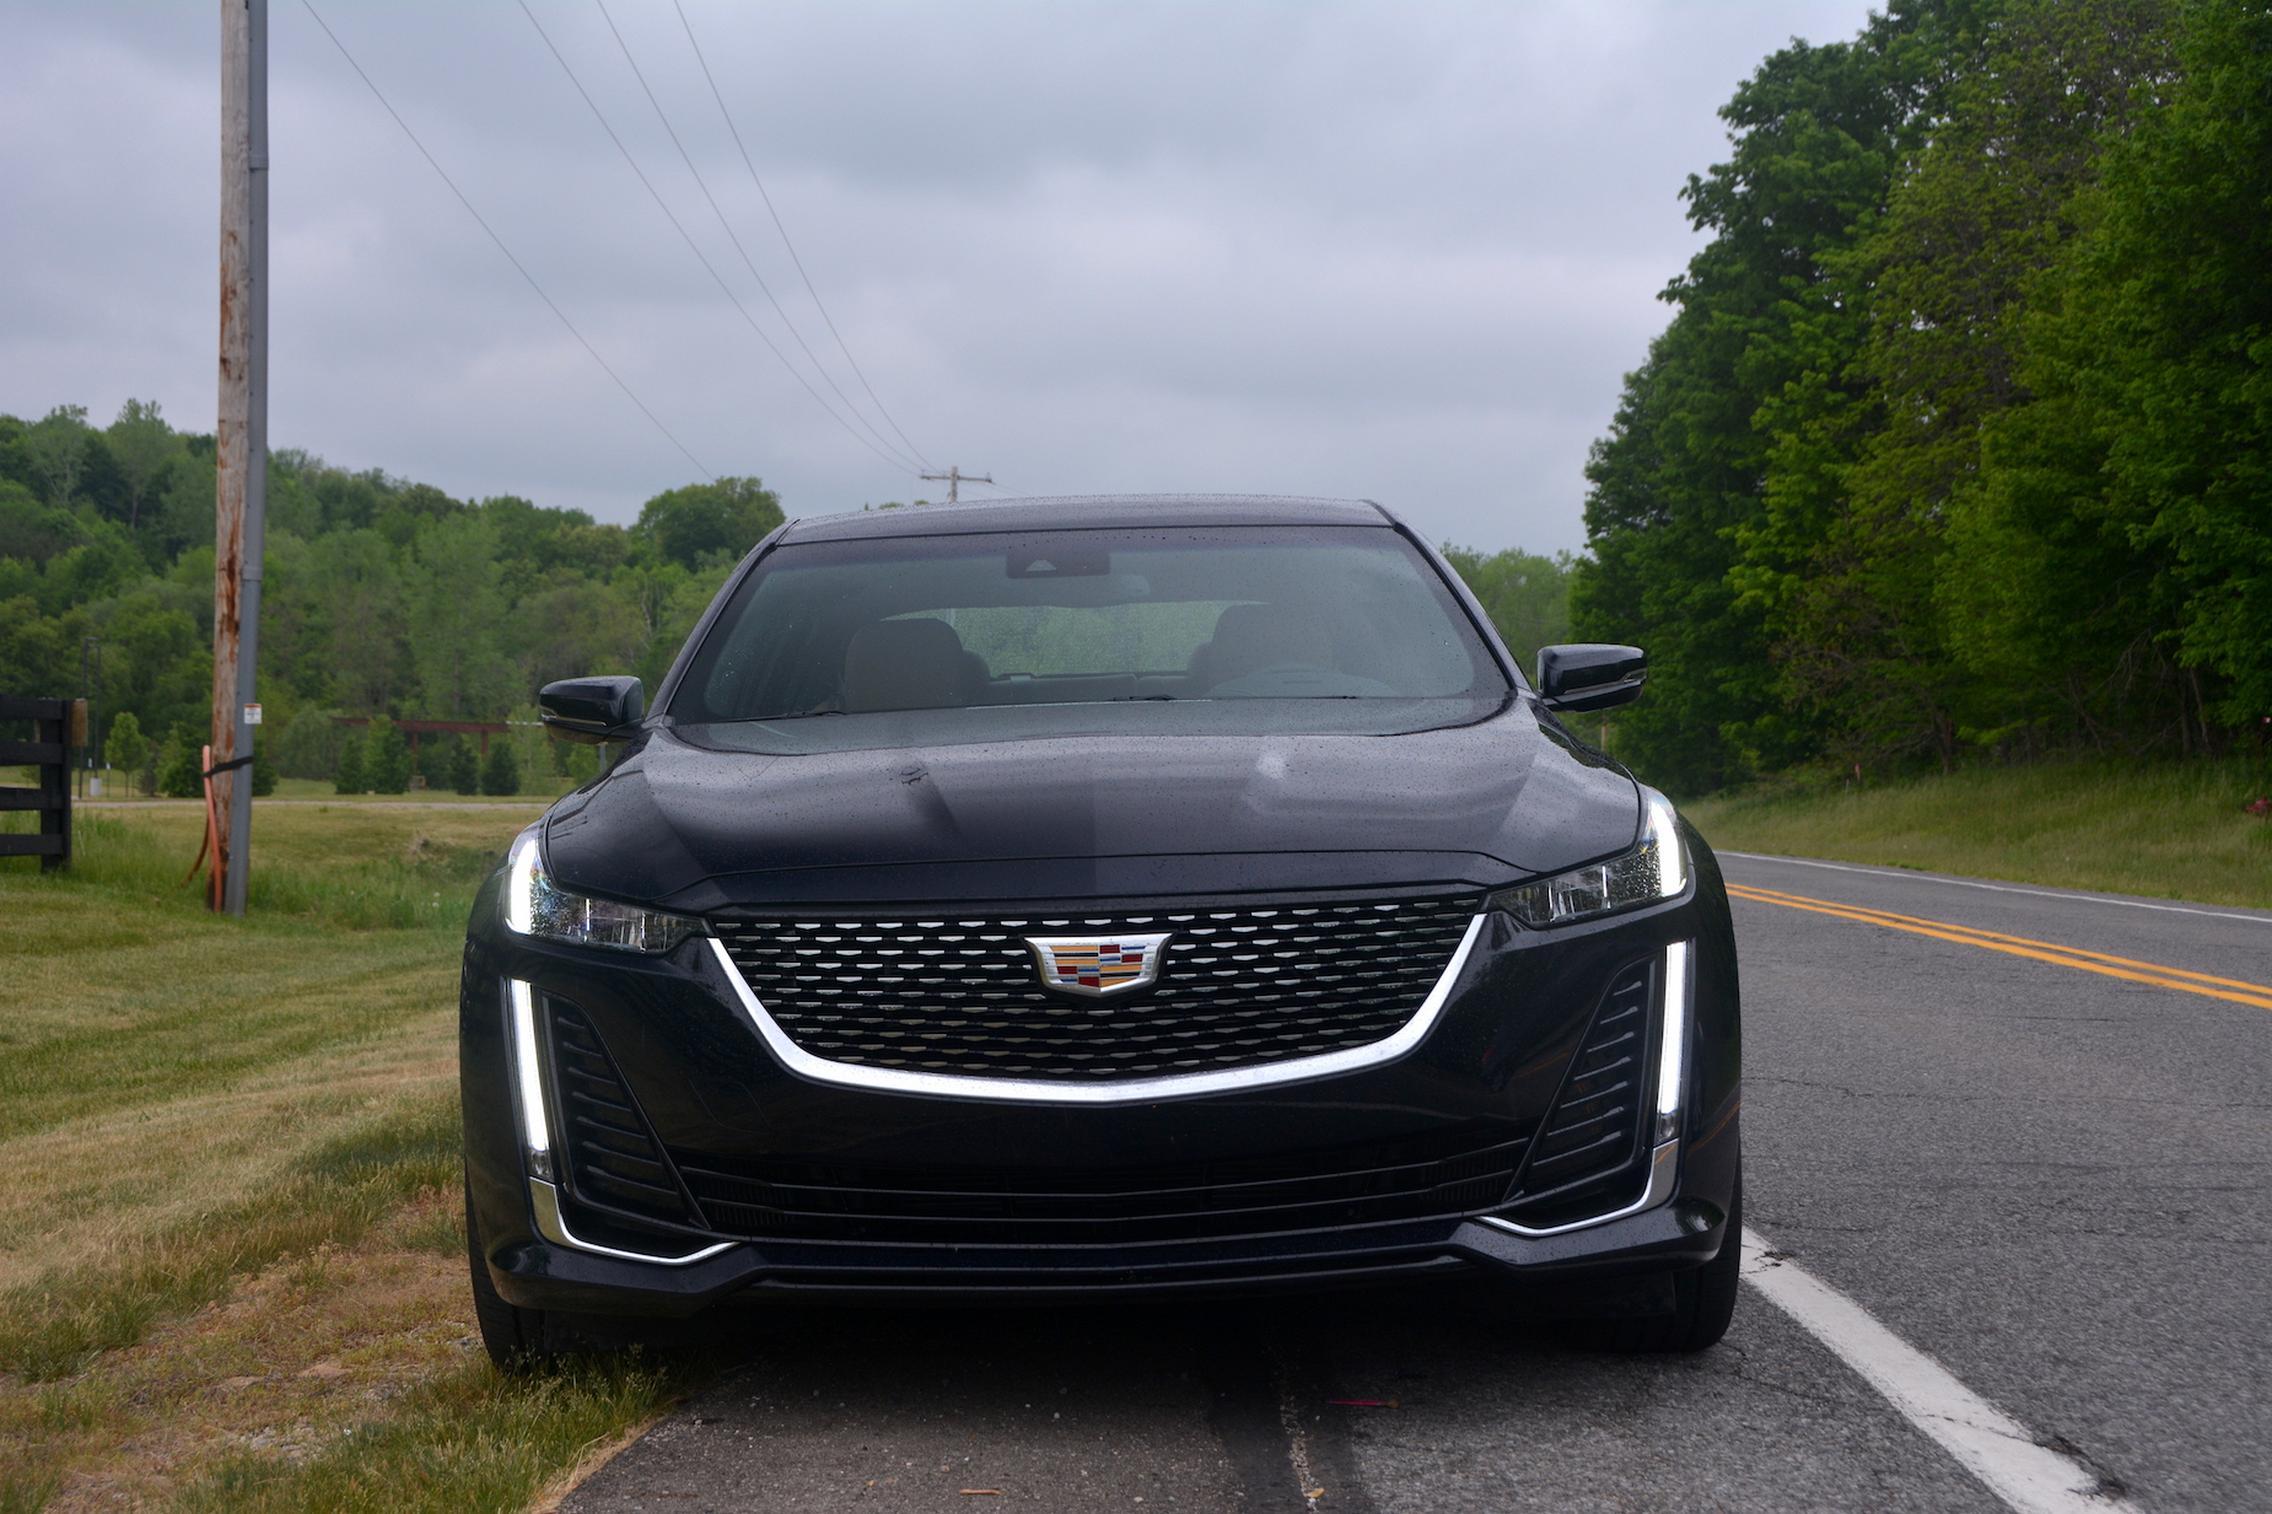 2021 Cadillac CT5 headlights